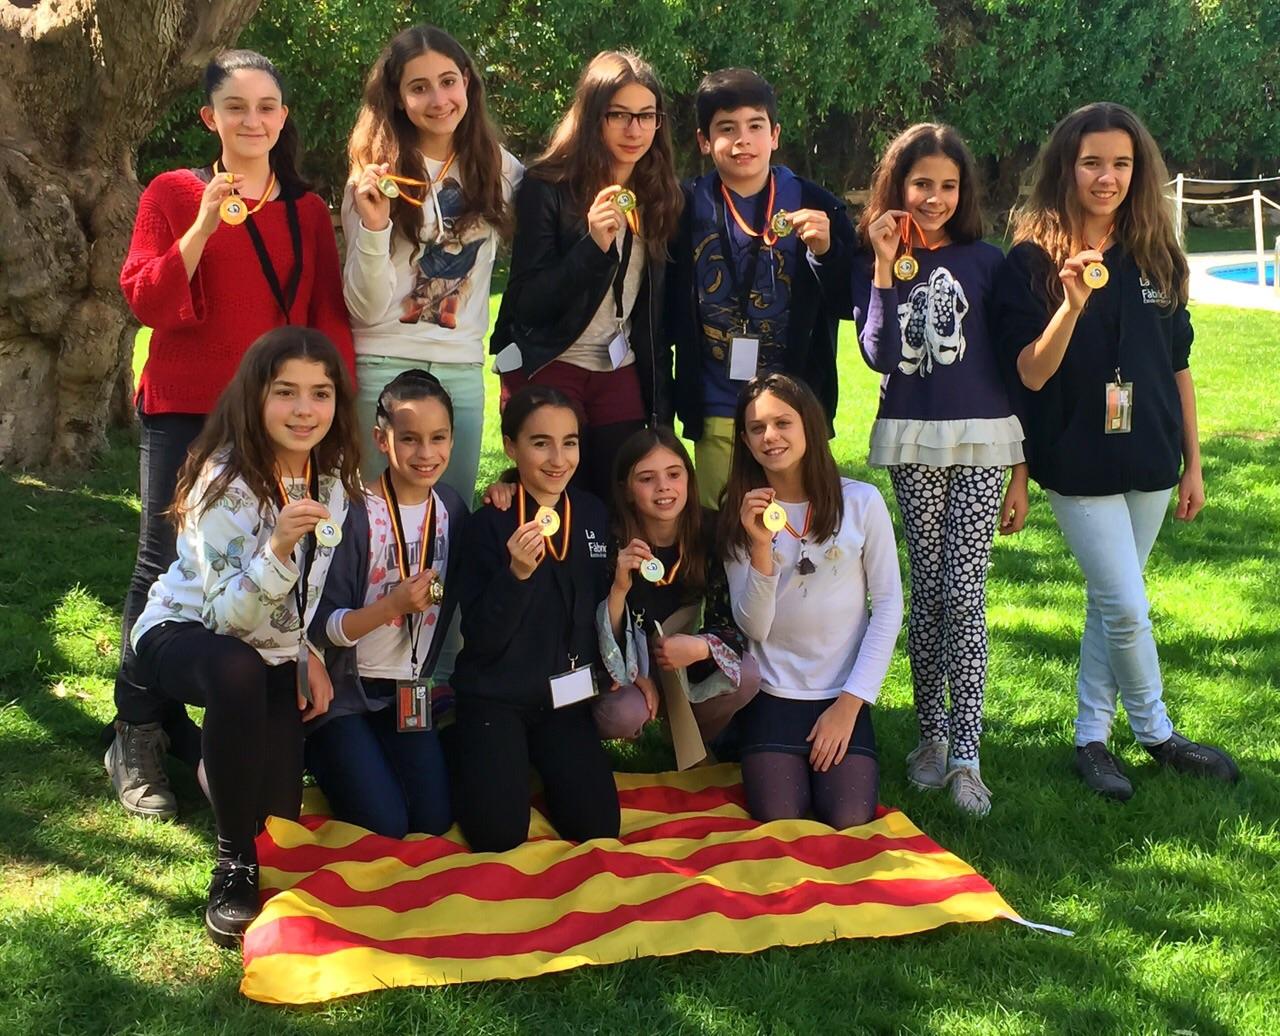 L'equip de l'escola de dansa 'La Fàbrica' de Calella amb l'or aconseguit al DWC2015 de Sitges. Foto: Jordi Verdura